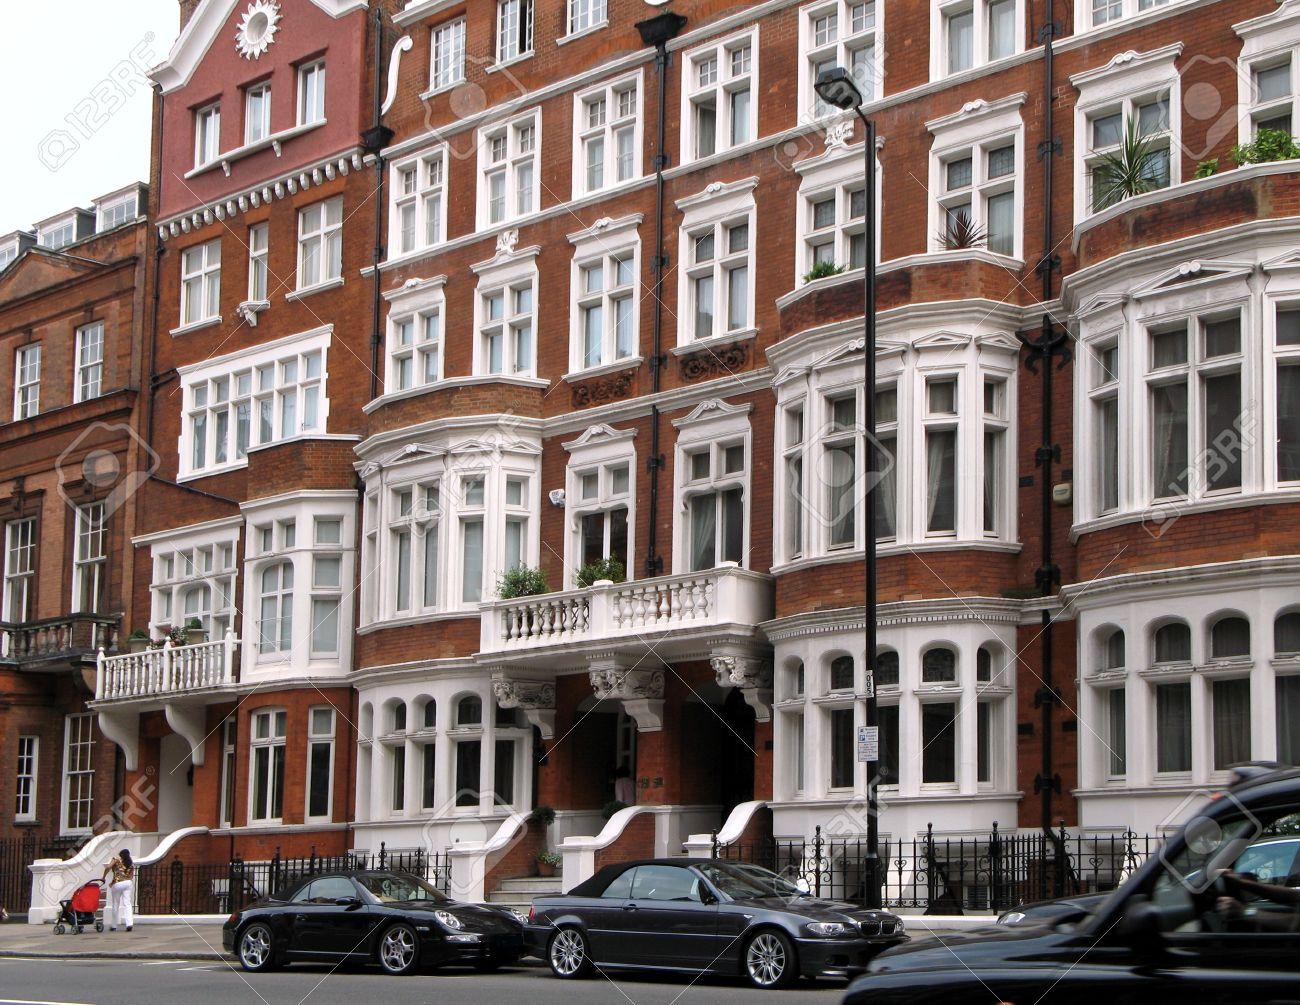 https://previews.123rf.com/images/spirer/spirer1107/spirer110700061/10006697-london-england-june-2007-street-view-of-elegant-apartment-buildings-in-borough-of-kensington.jpg